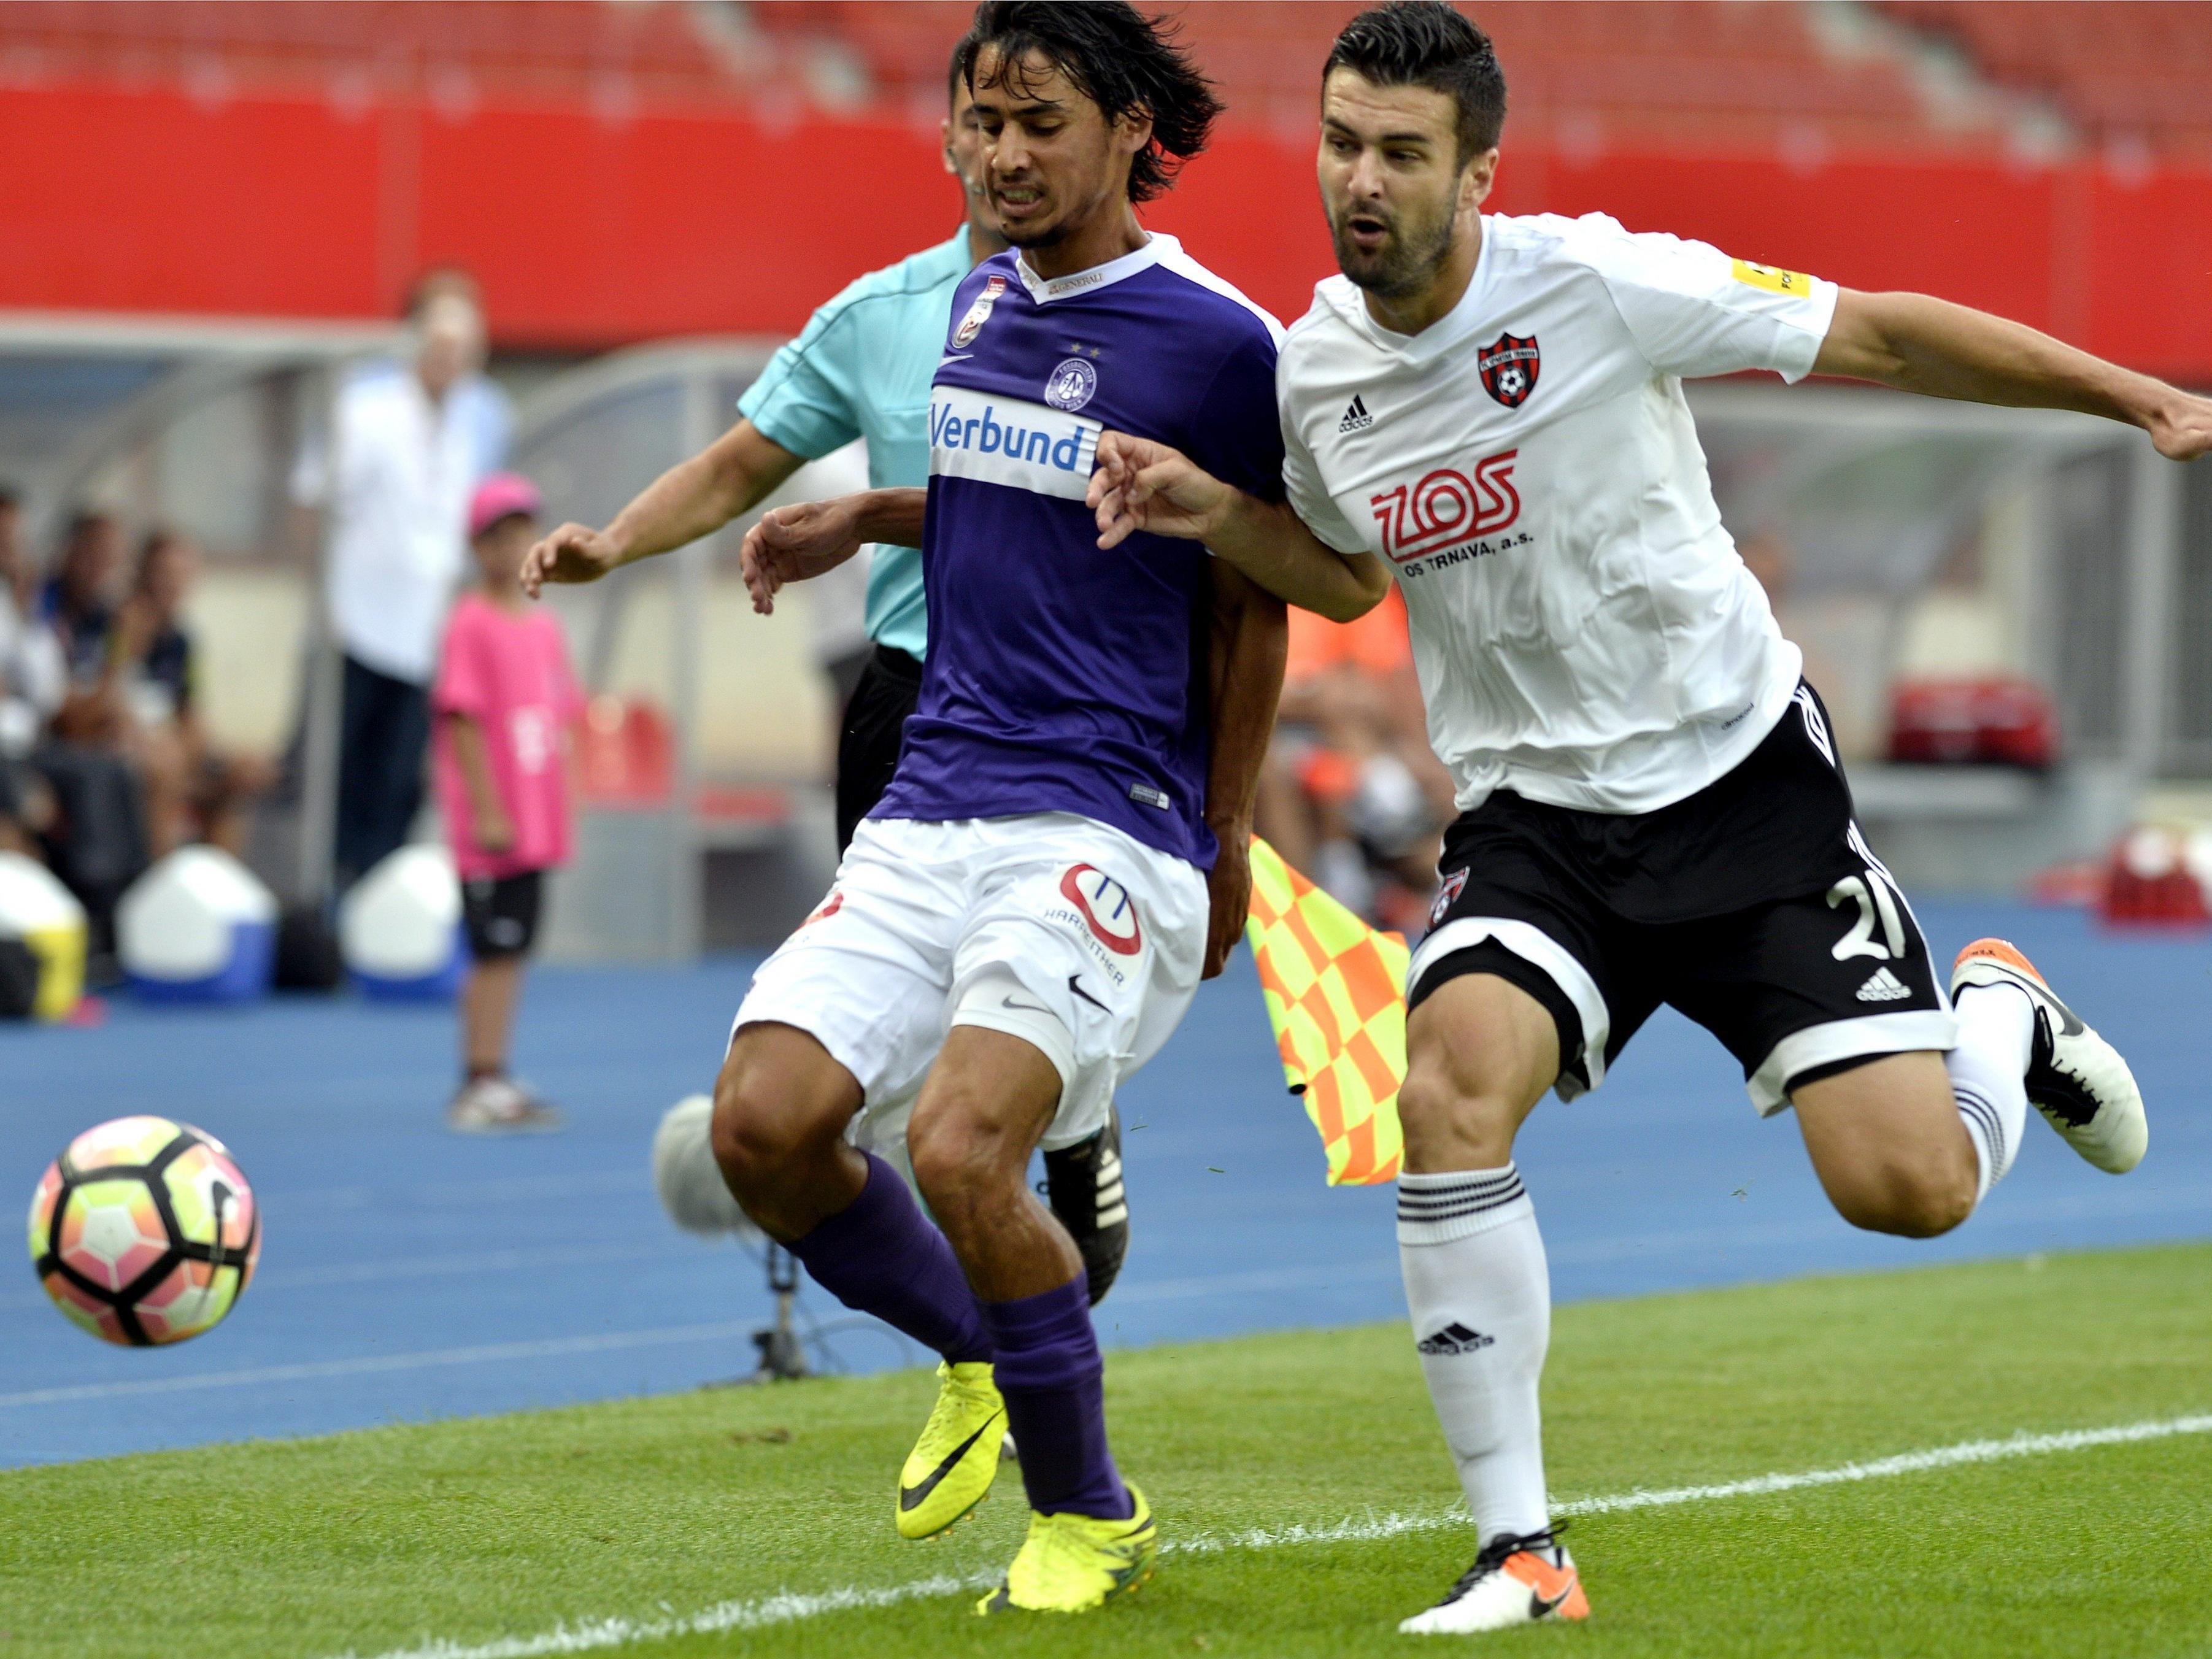 Die Austria muss in der Slowakei eine 0:1-Niederlage drehen, um ins Playoff einzuziehen.